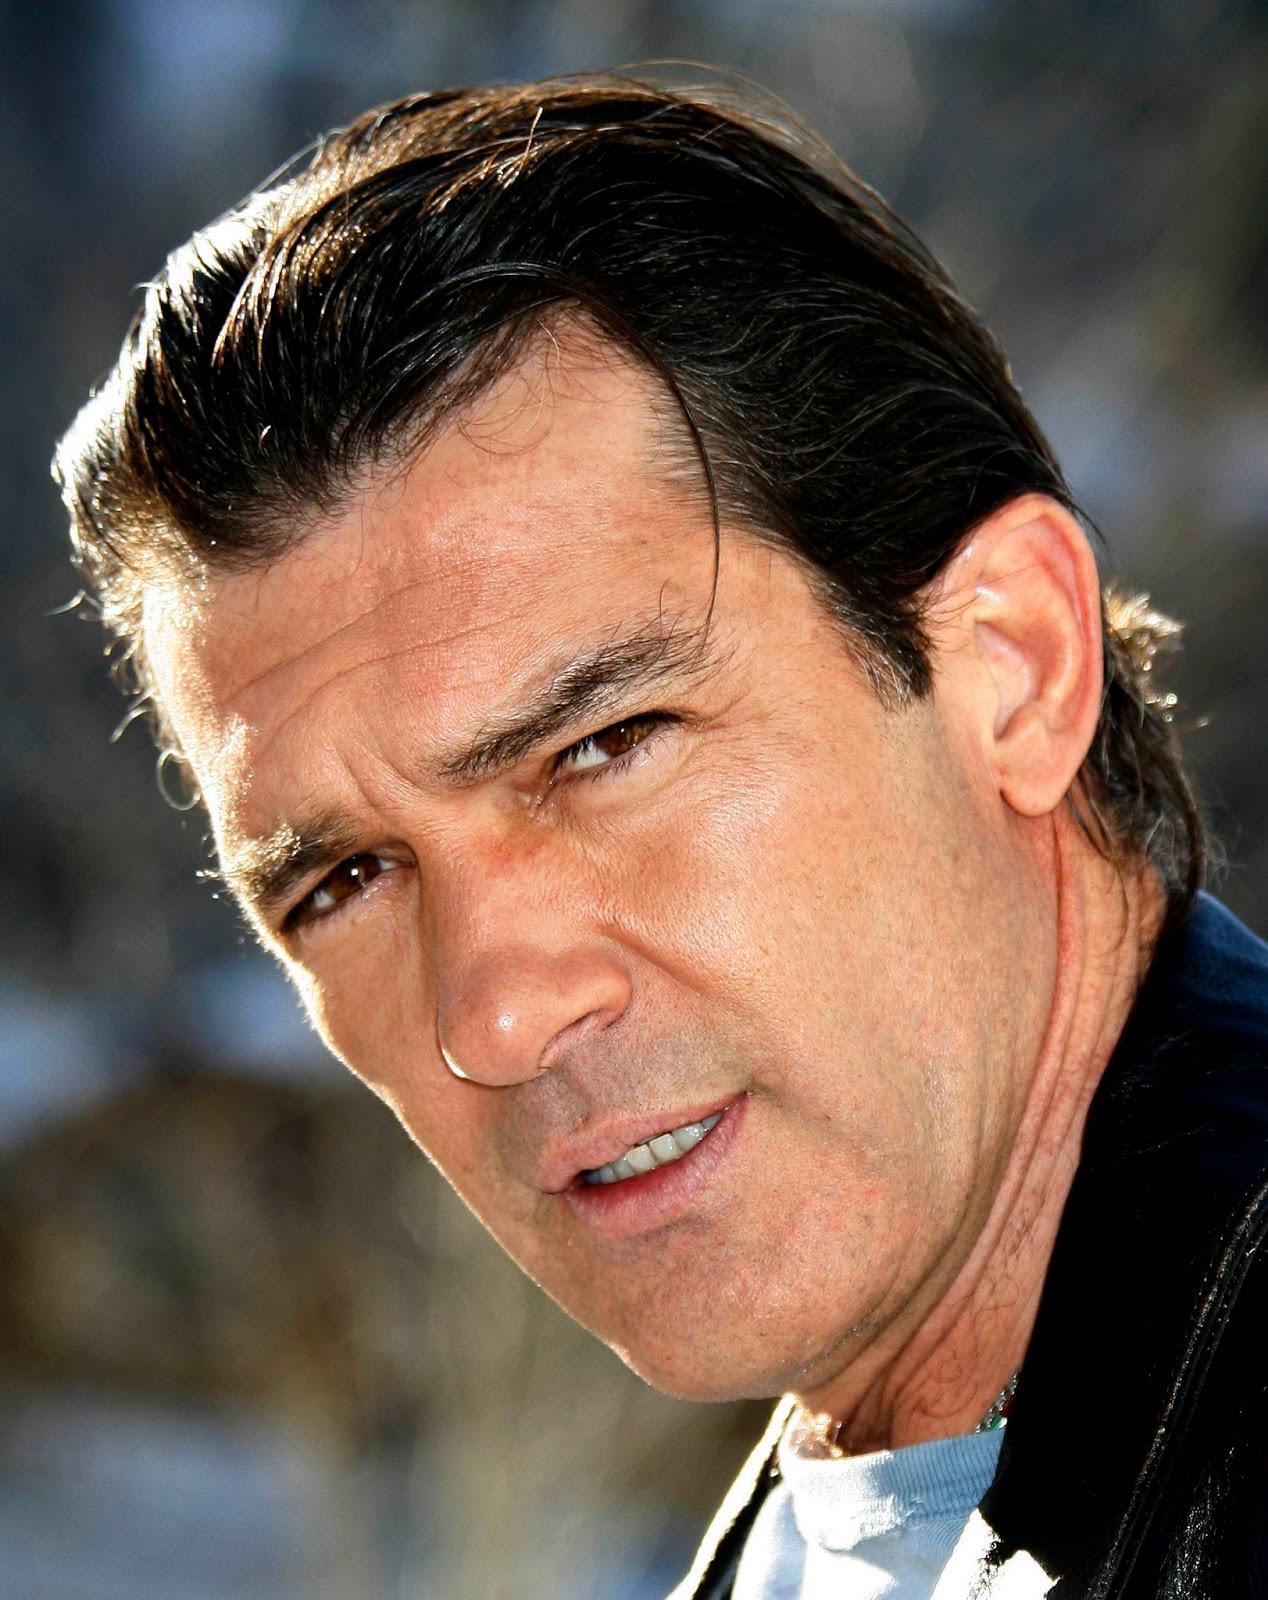 My English blog: Antonio Banderas and Melanie Griffith Antonio Banderas